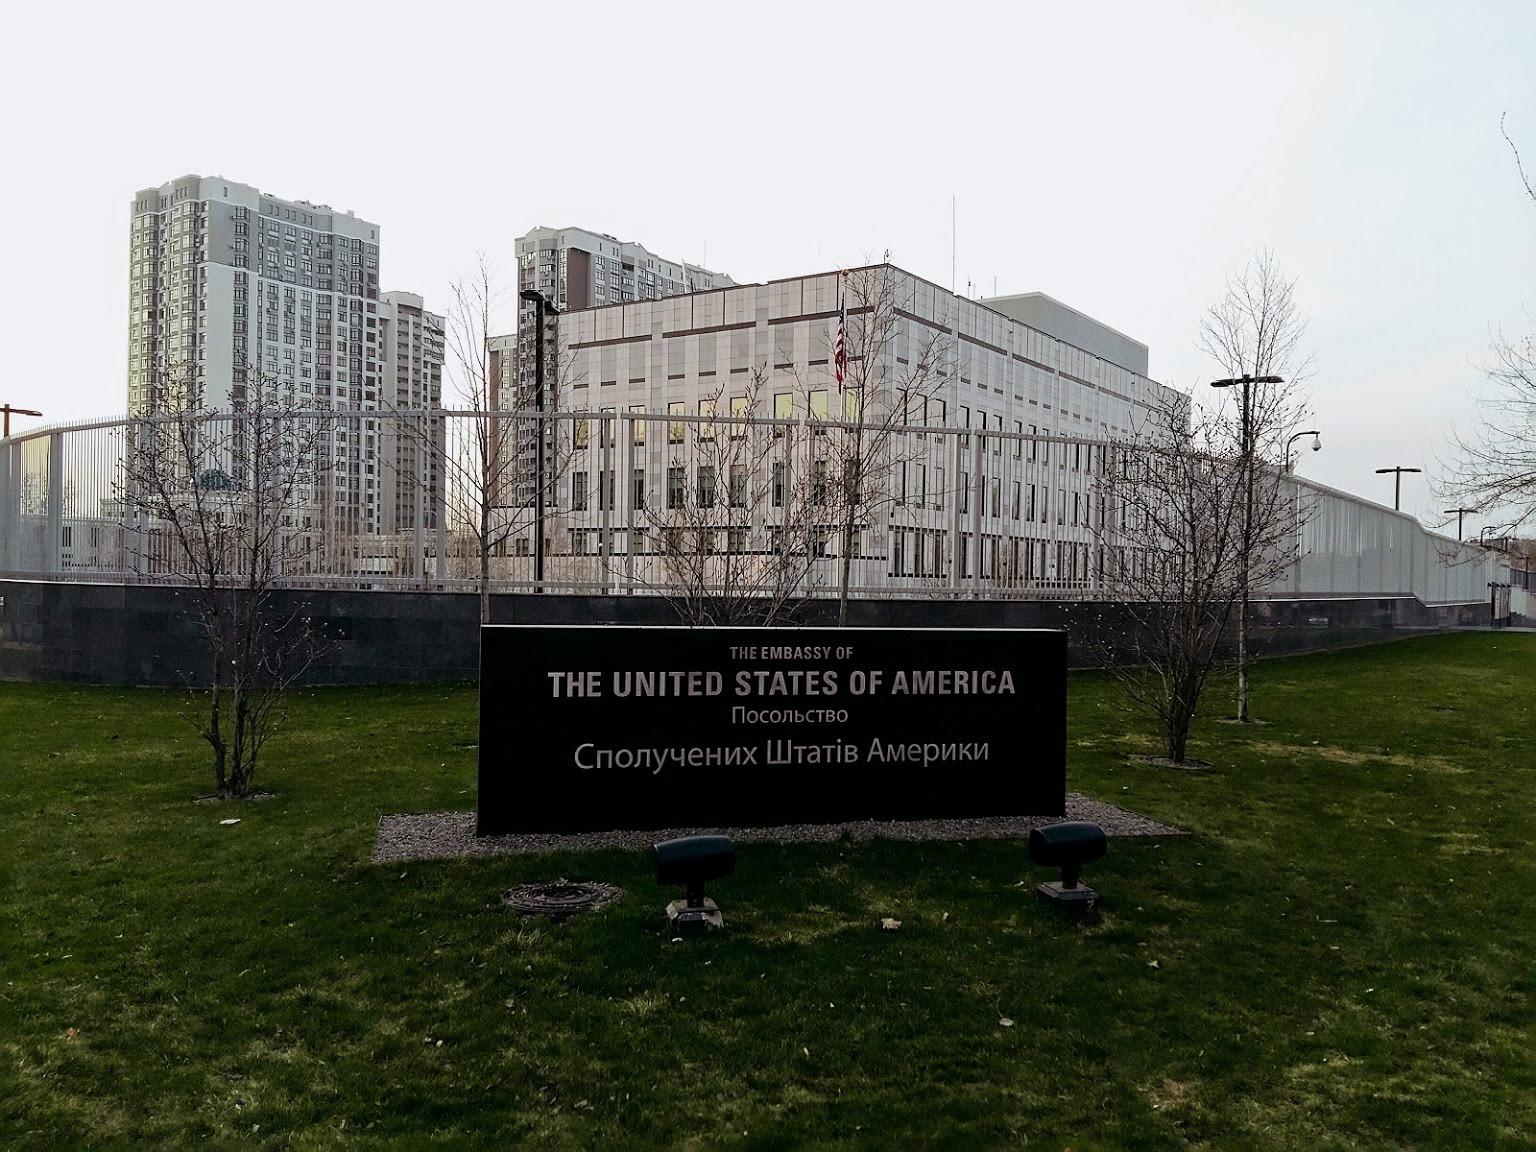 В Киеве было совершено нападение на сотрудницу посольства США: женщина скончалась в больнице